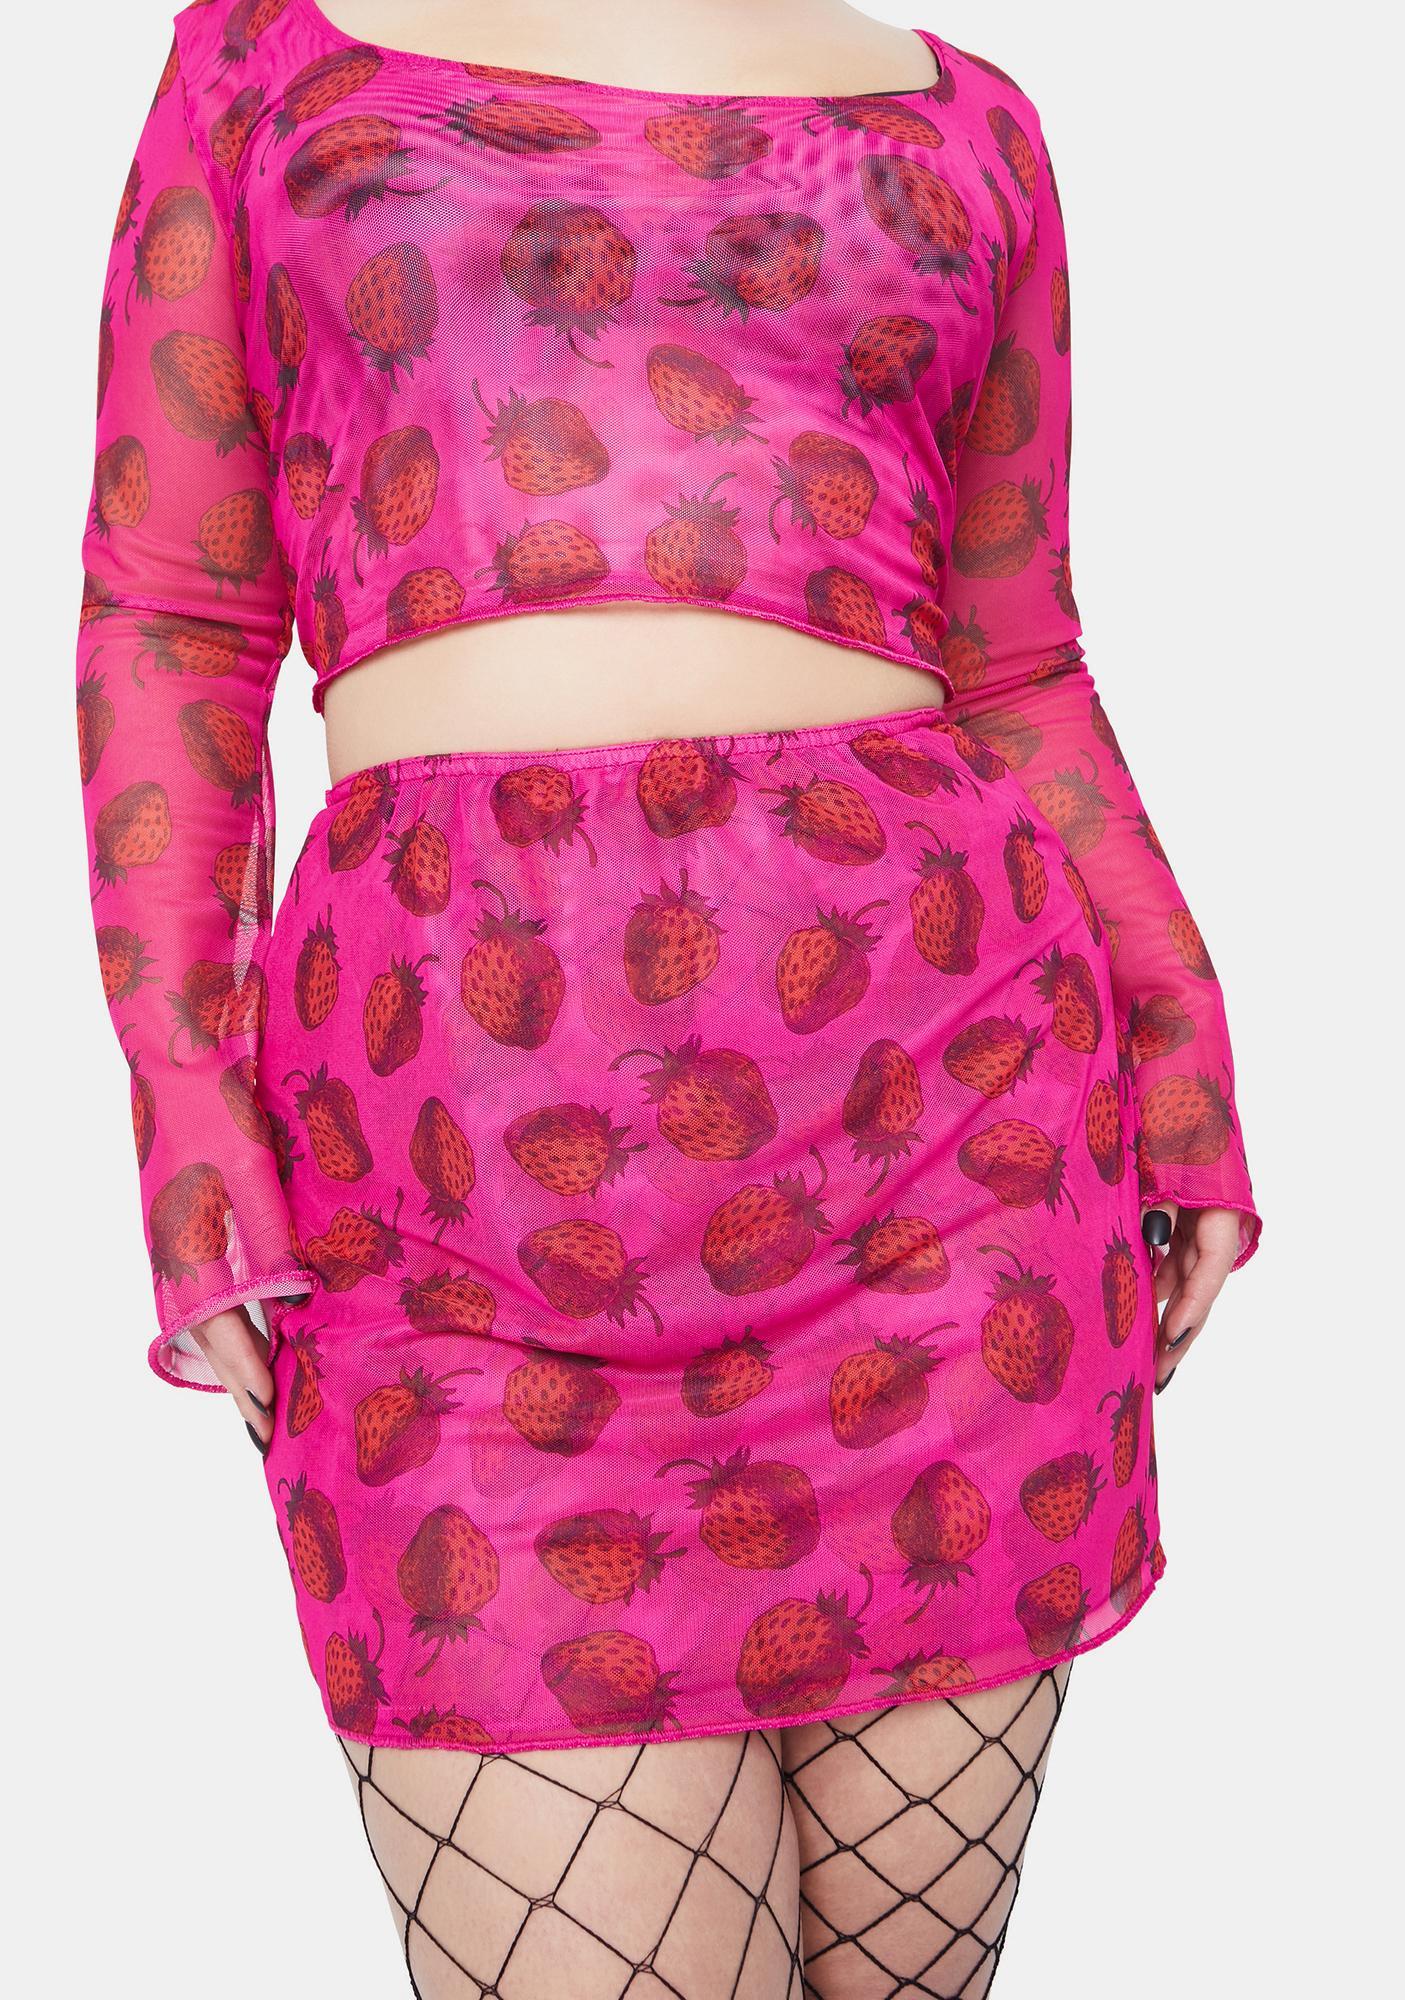 NEW GIRL ORDER Curve Strawberry Mesh Mini Skirt